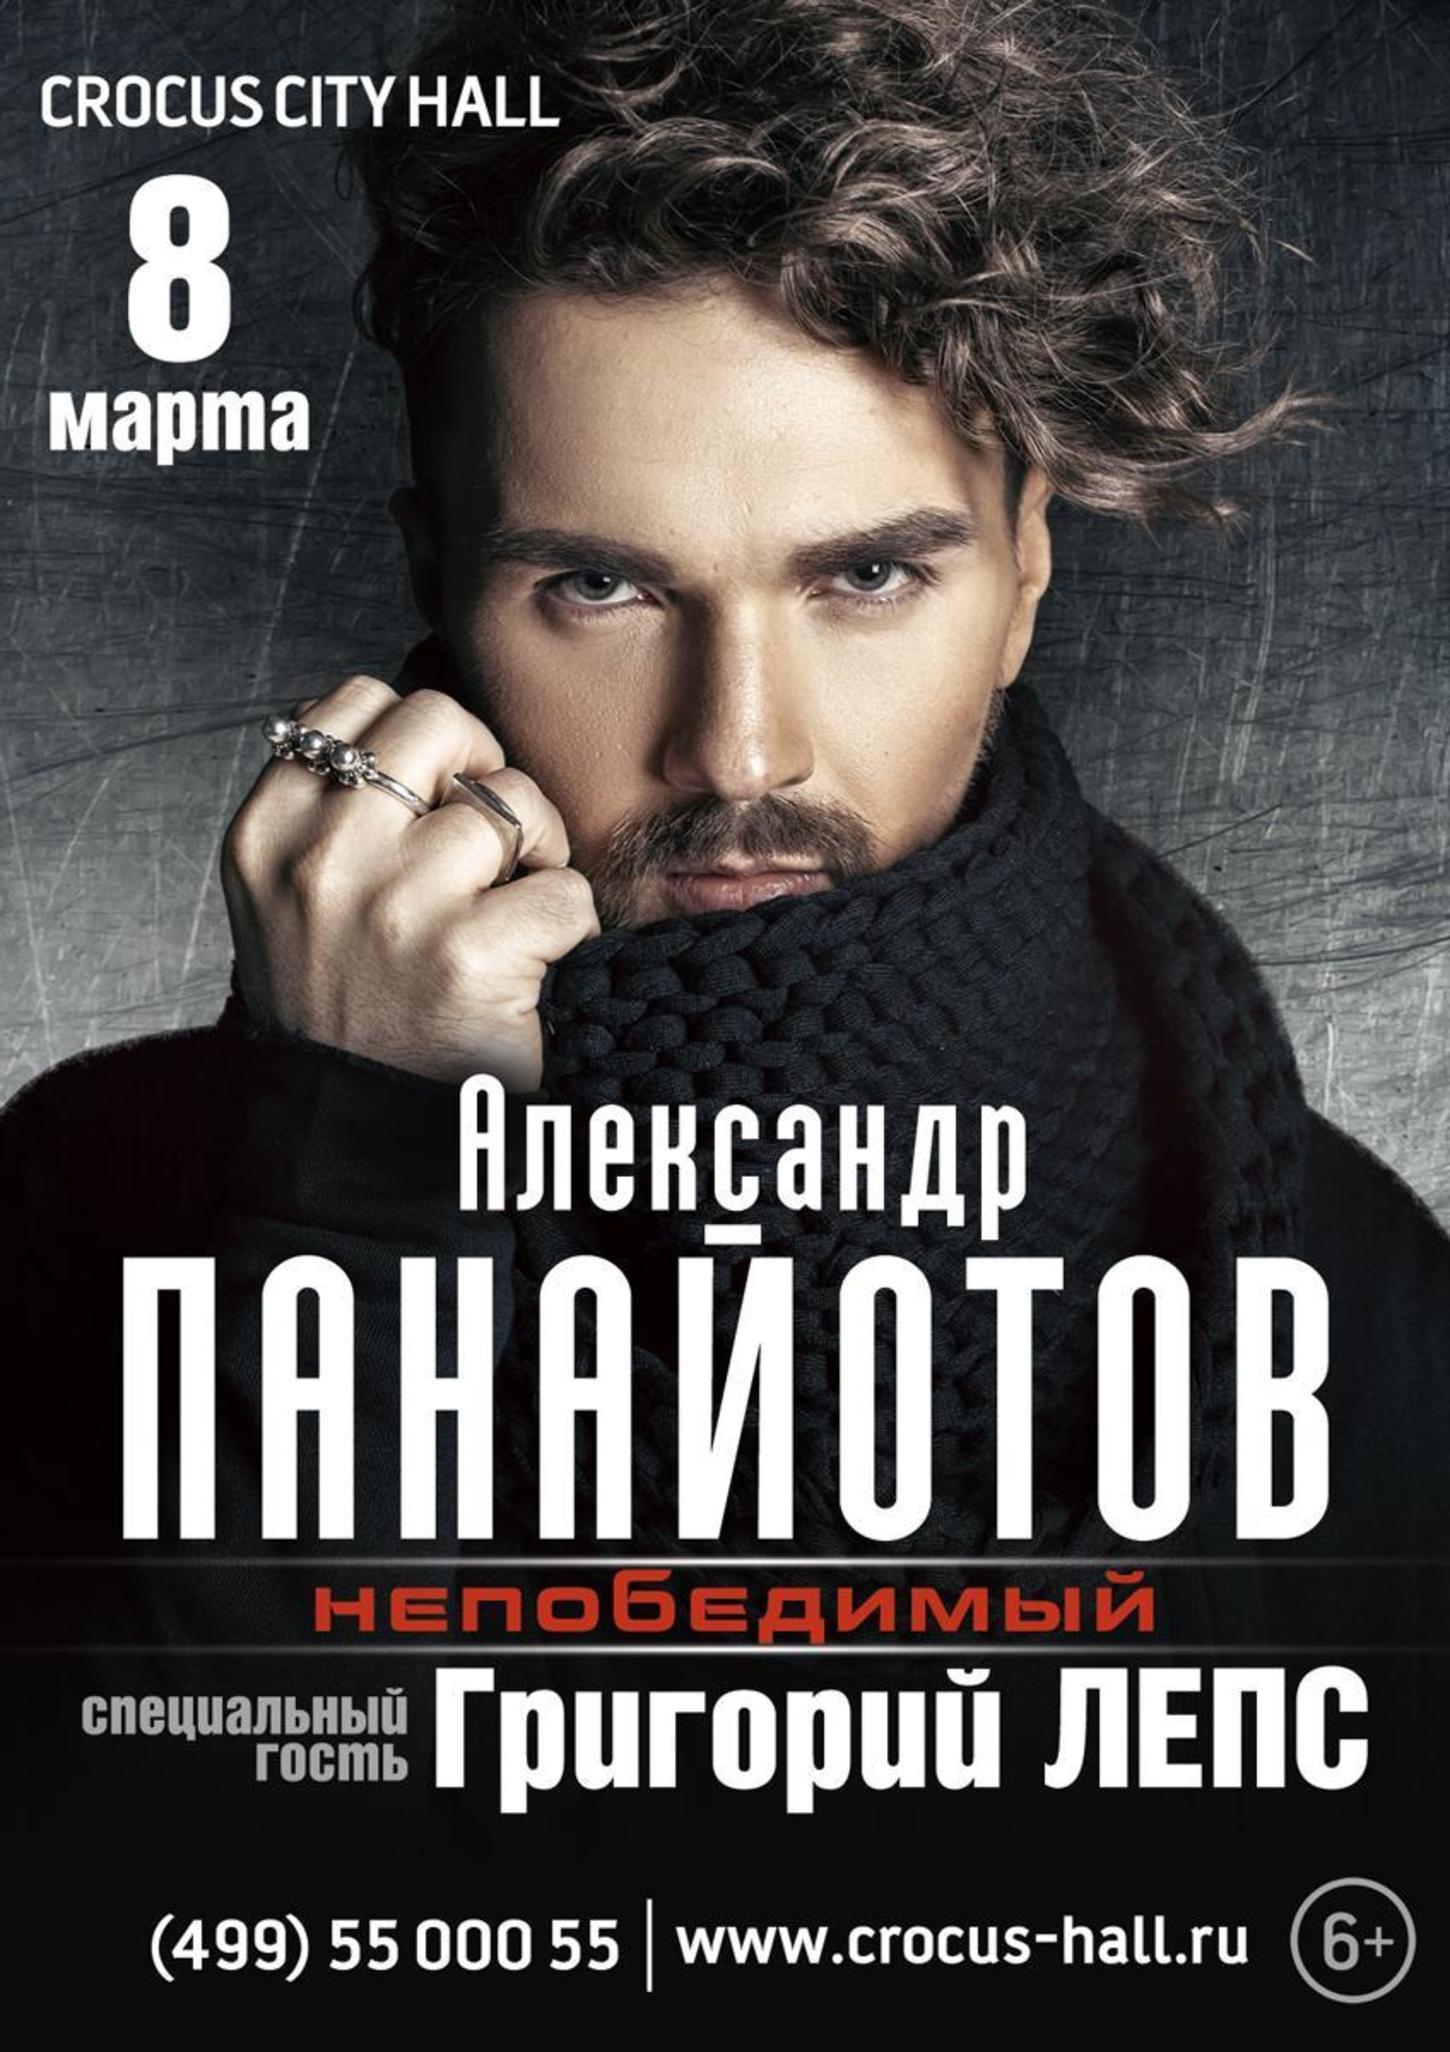 Шоу Валентина Юдашкина 2018 в Кремле  заказ билетов с